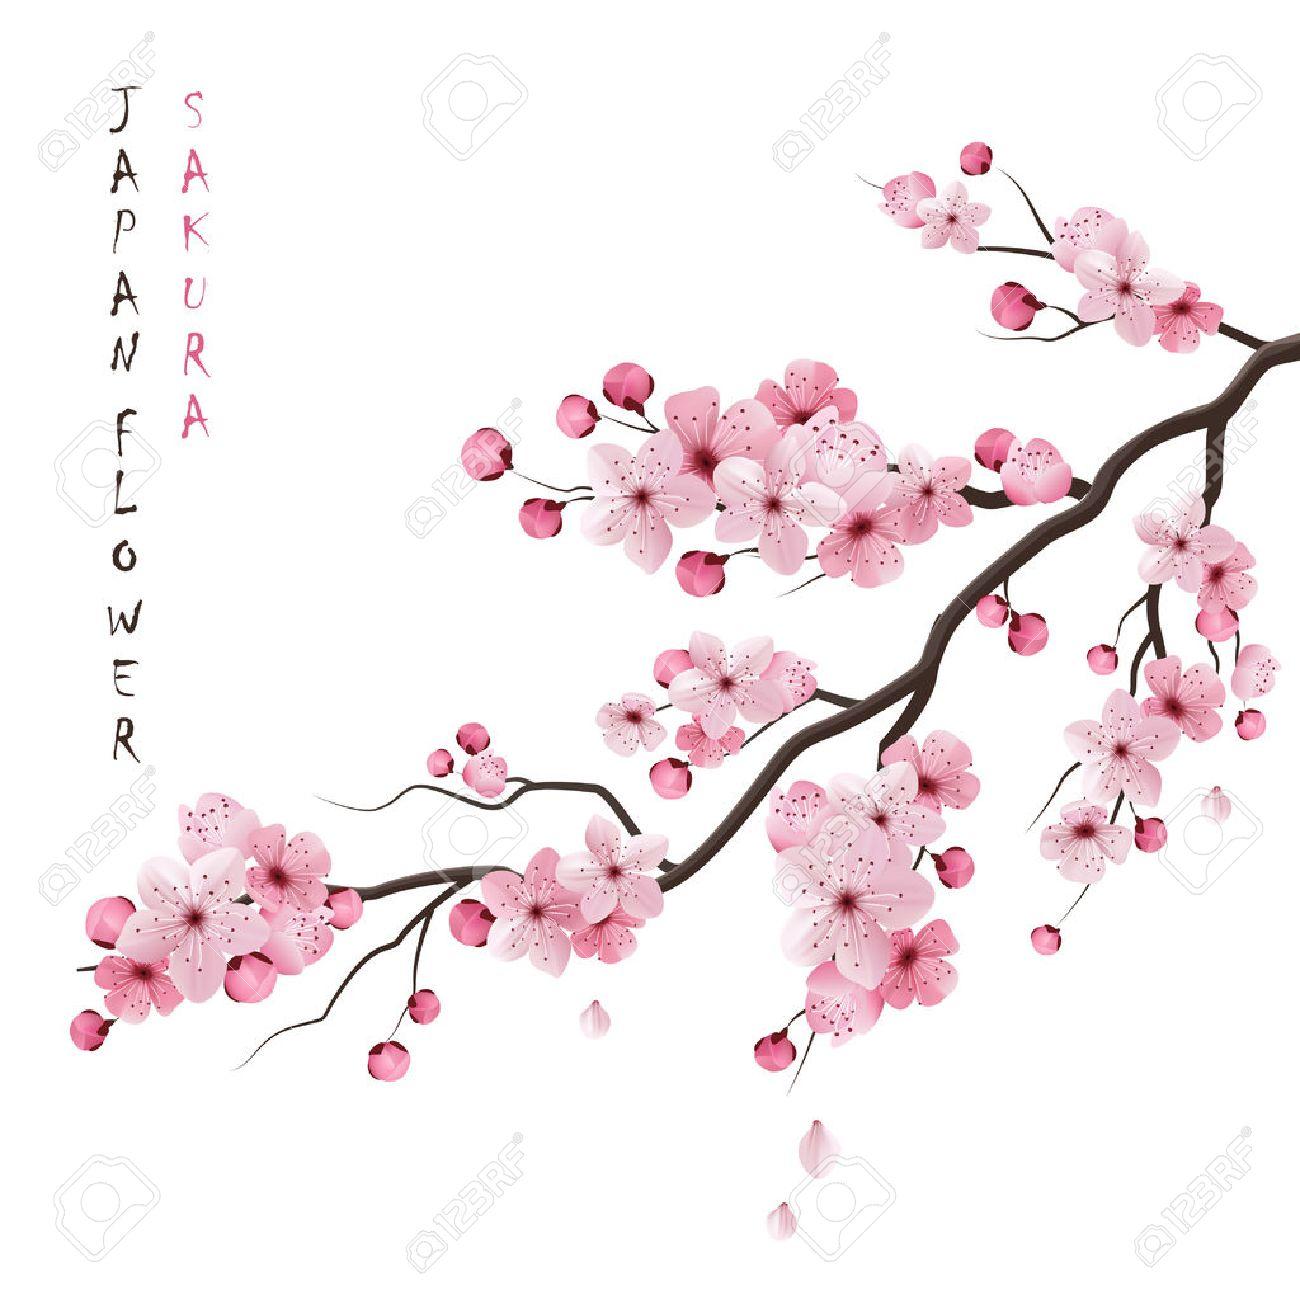 Branche De Cerisier réaliste sakura japon branche de cerisier avec des fleurs en fleurs